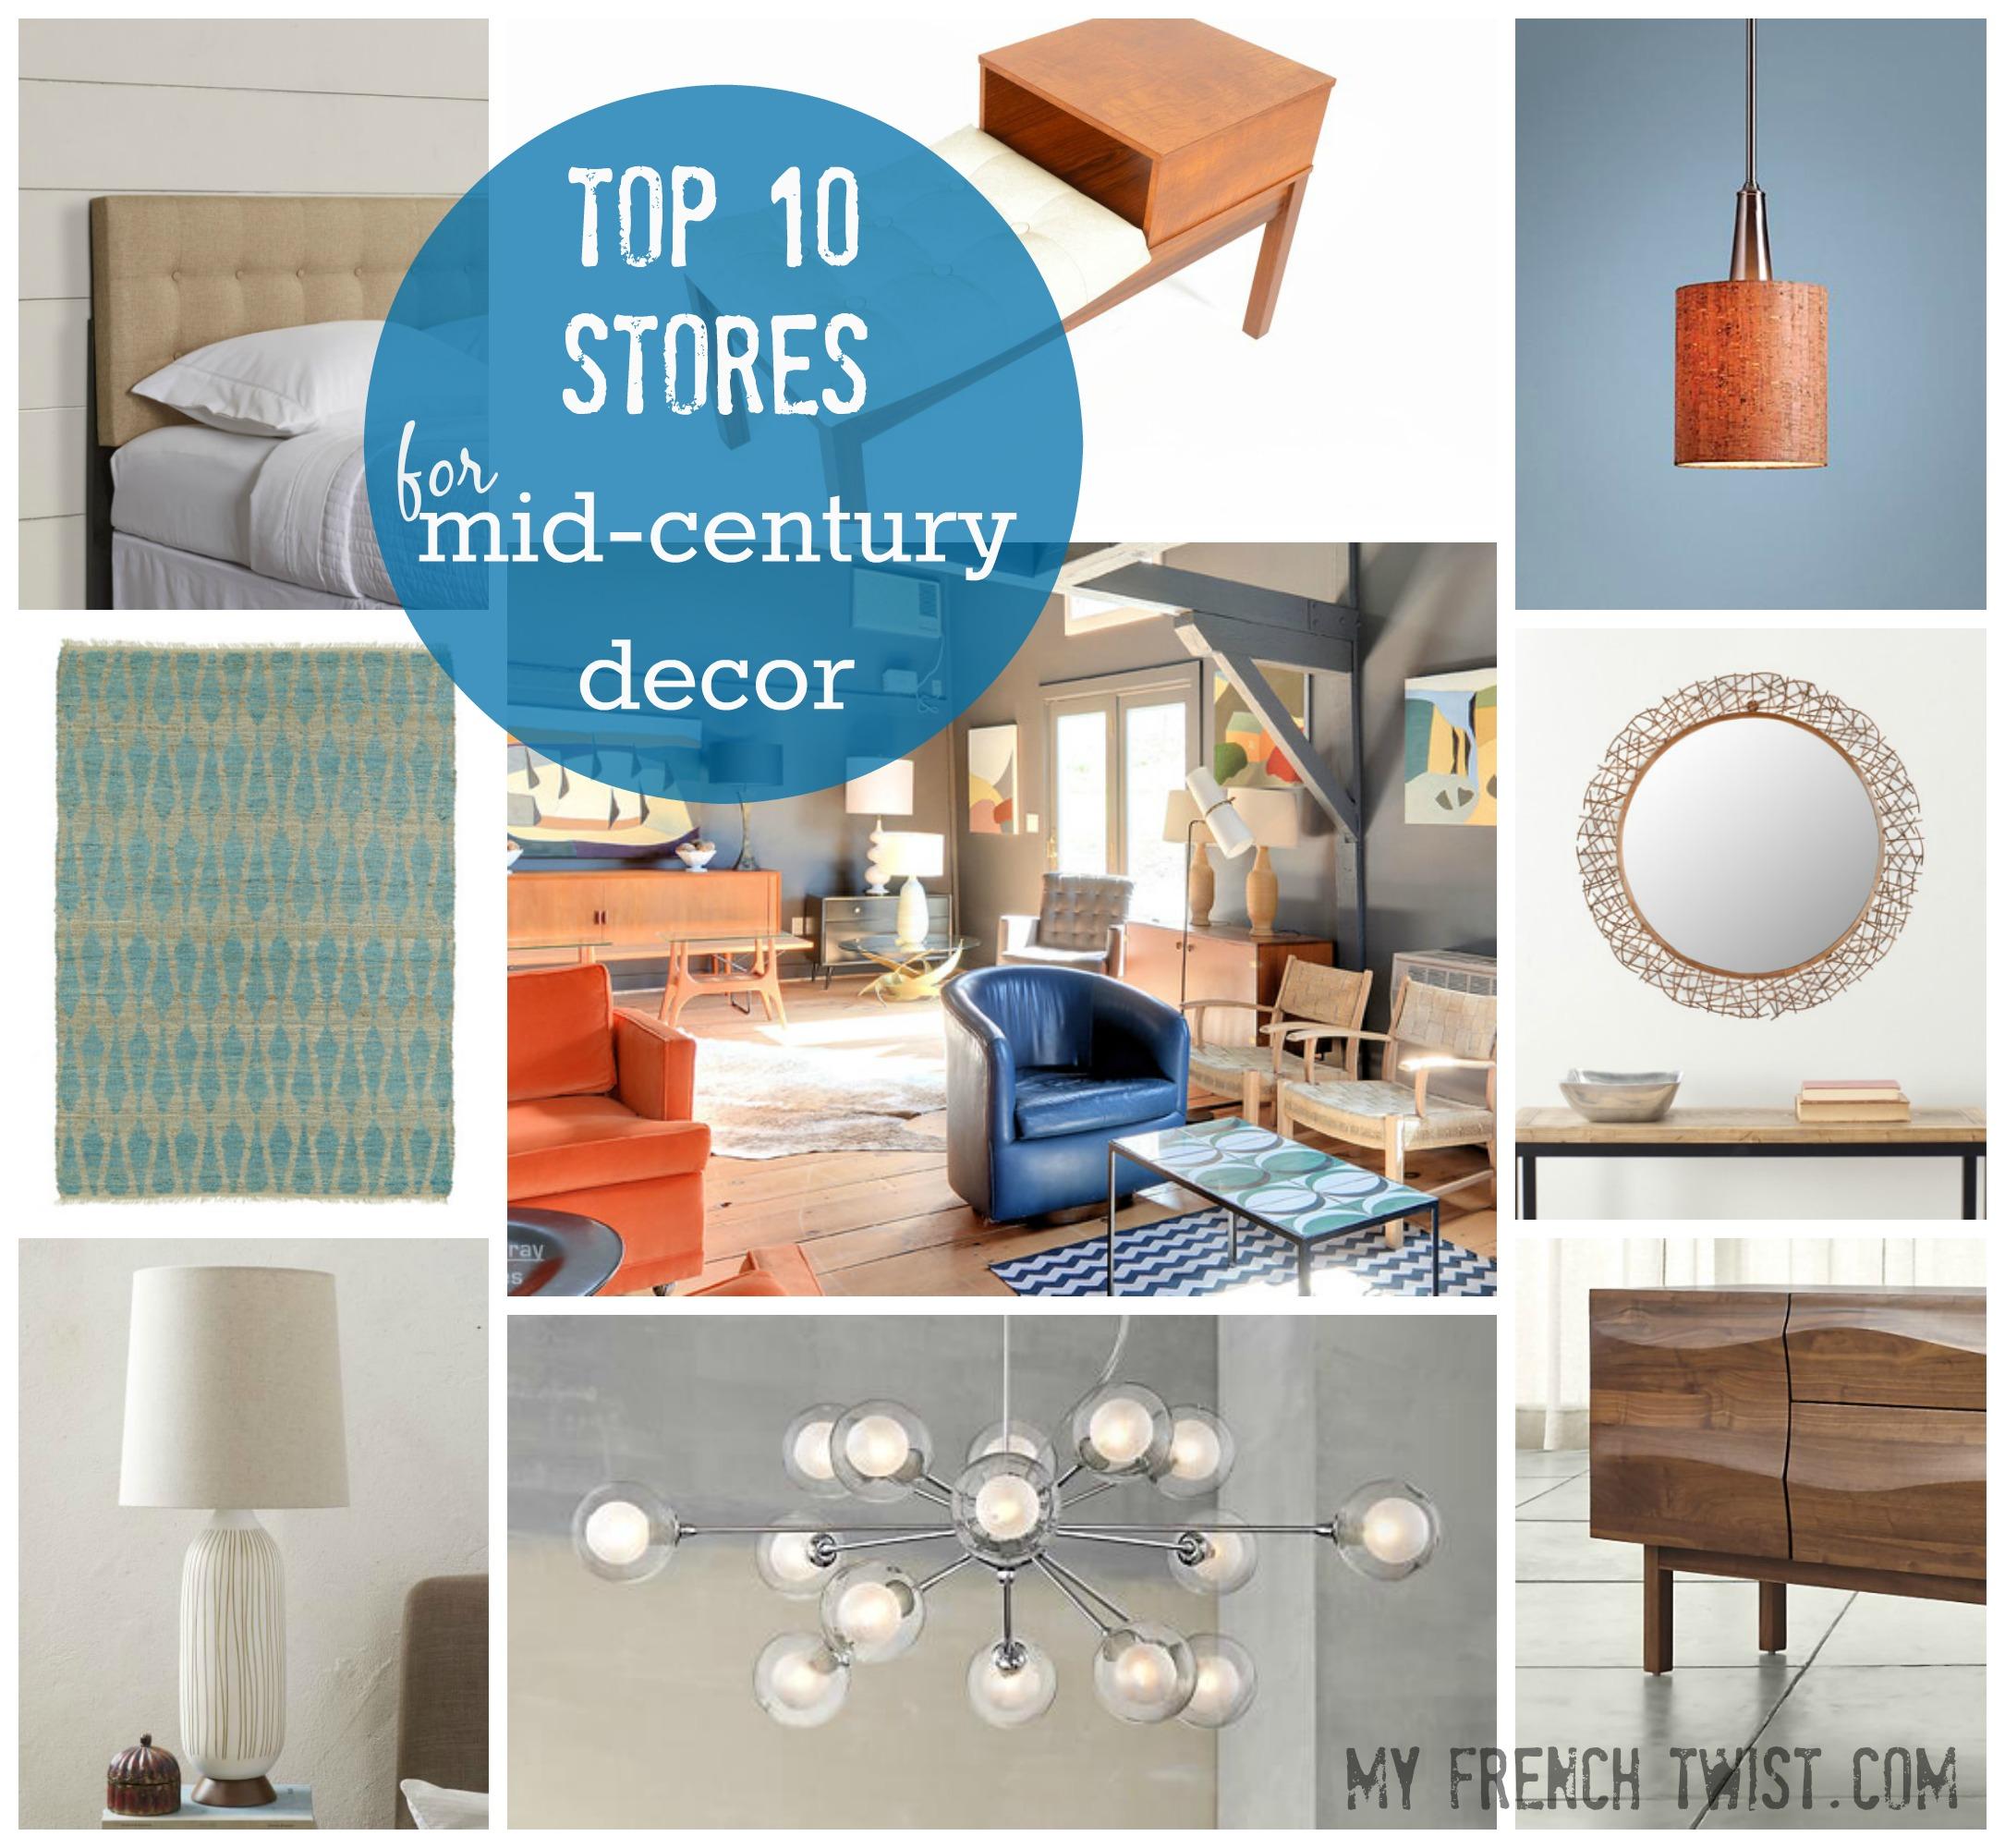 top 10 midcentury modern stores - myfrenchtwist.com  sc 1 st  My French Twist & Top 10 stores for midcentury modern decor - My French Twist